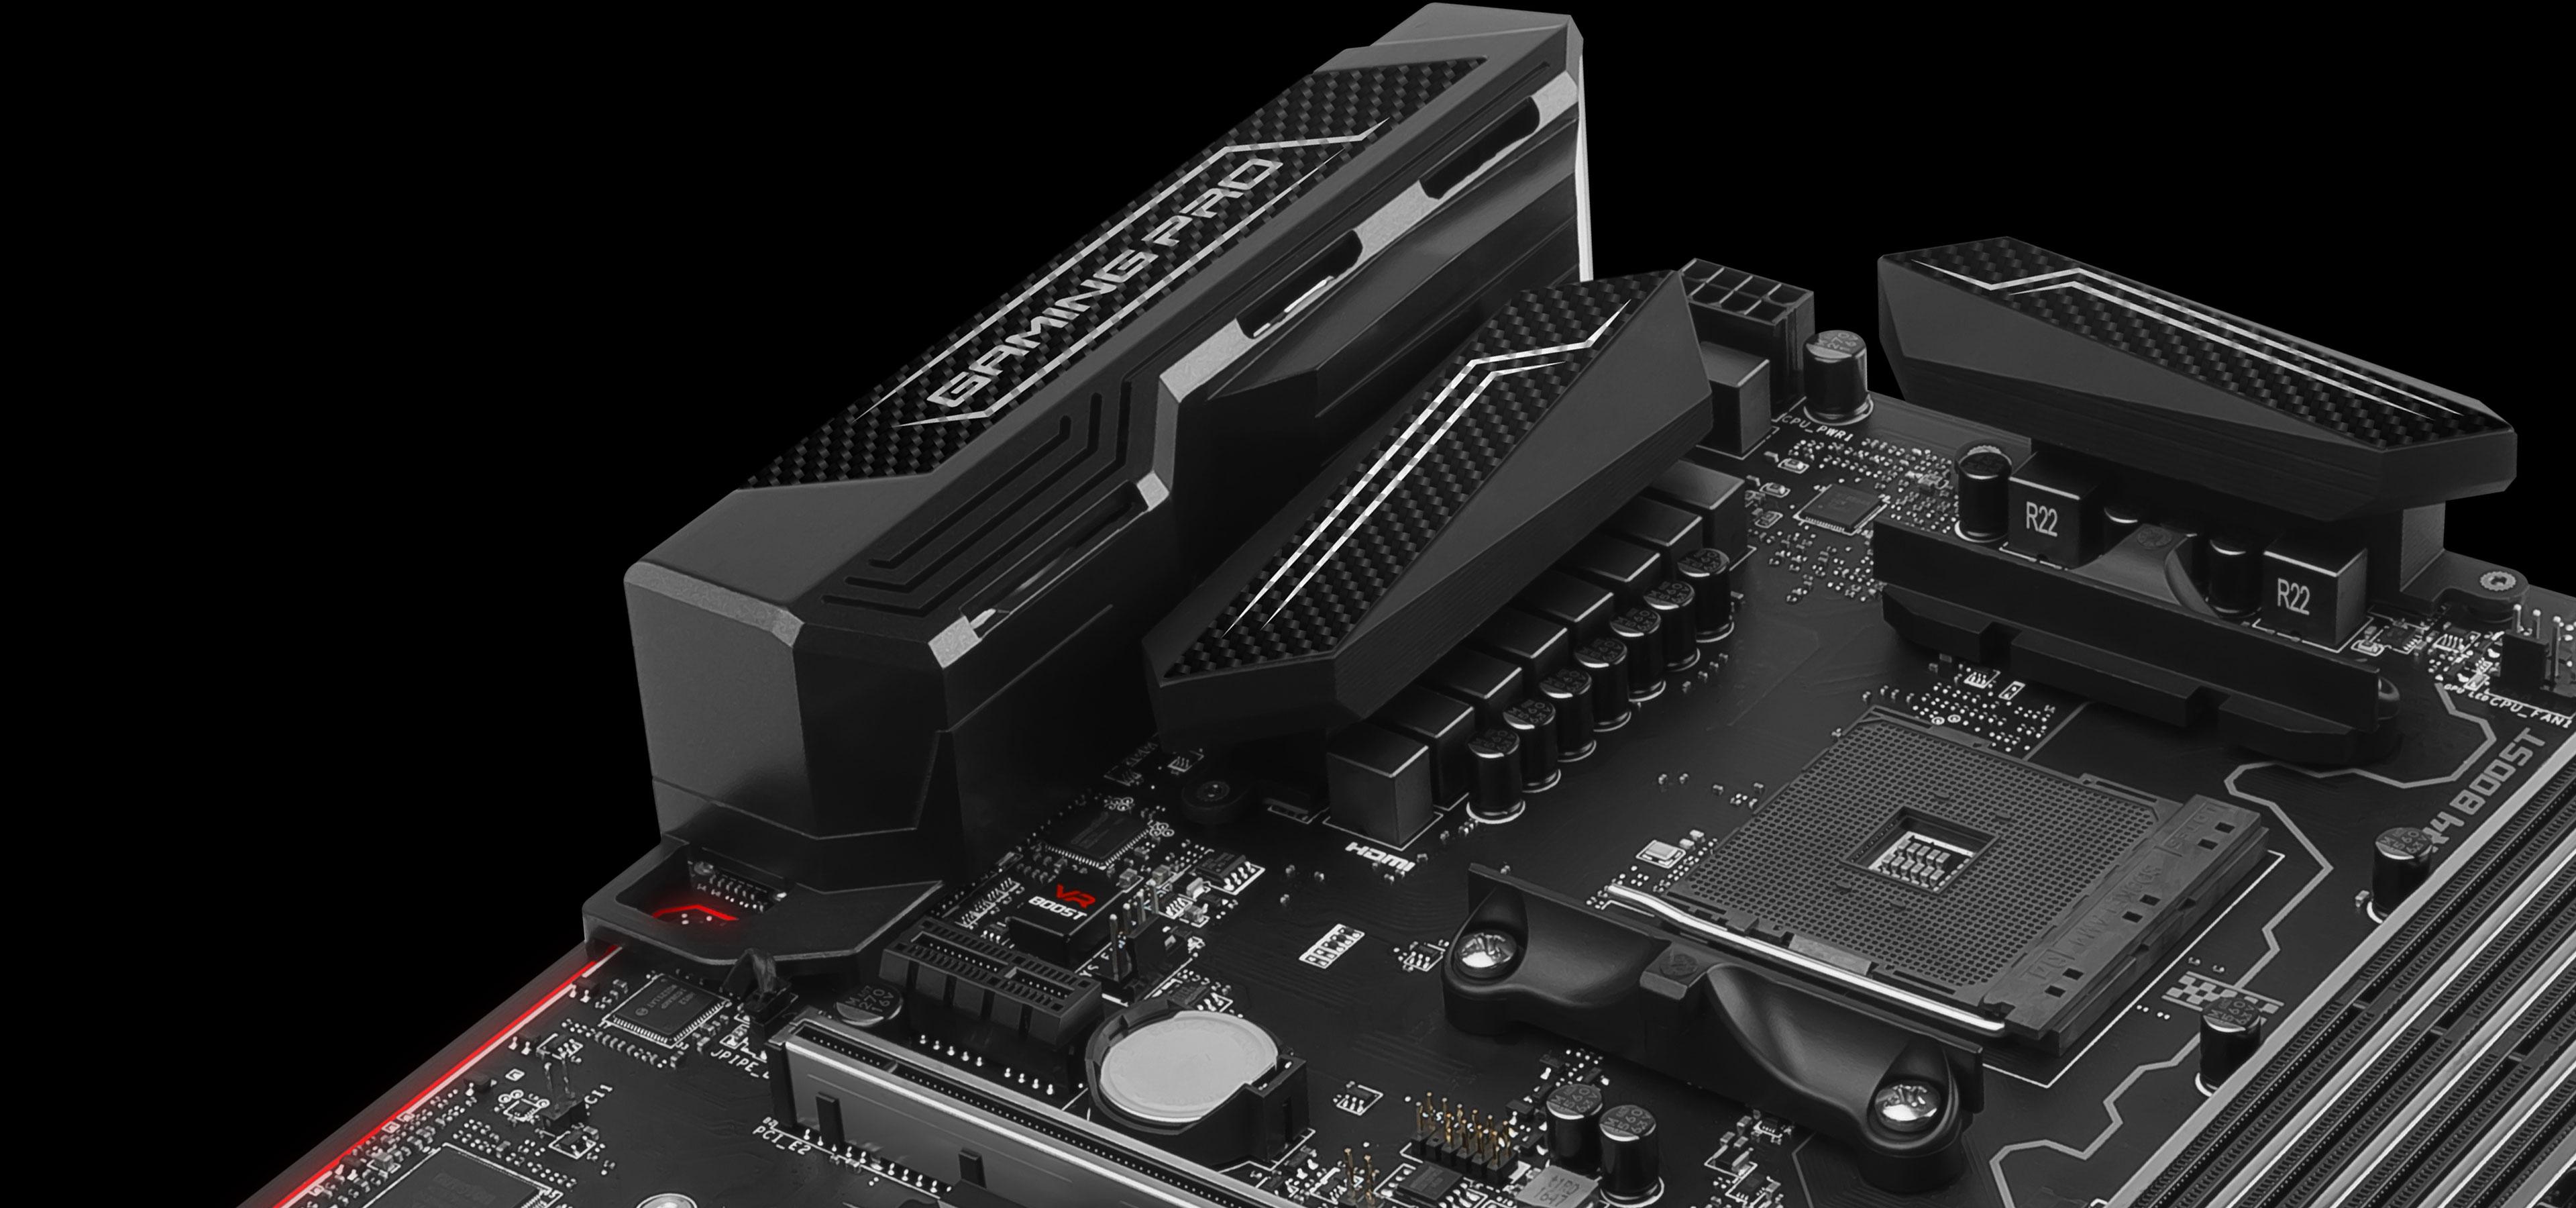 Die Kühlung ist ein wichtiger Bestandteil jedes Gaming PCs MSI arbeitet eng mit führenden Kühlungshersteller zusammen um beste Kompatibilität mit jeder